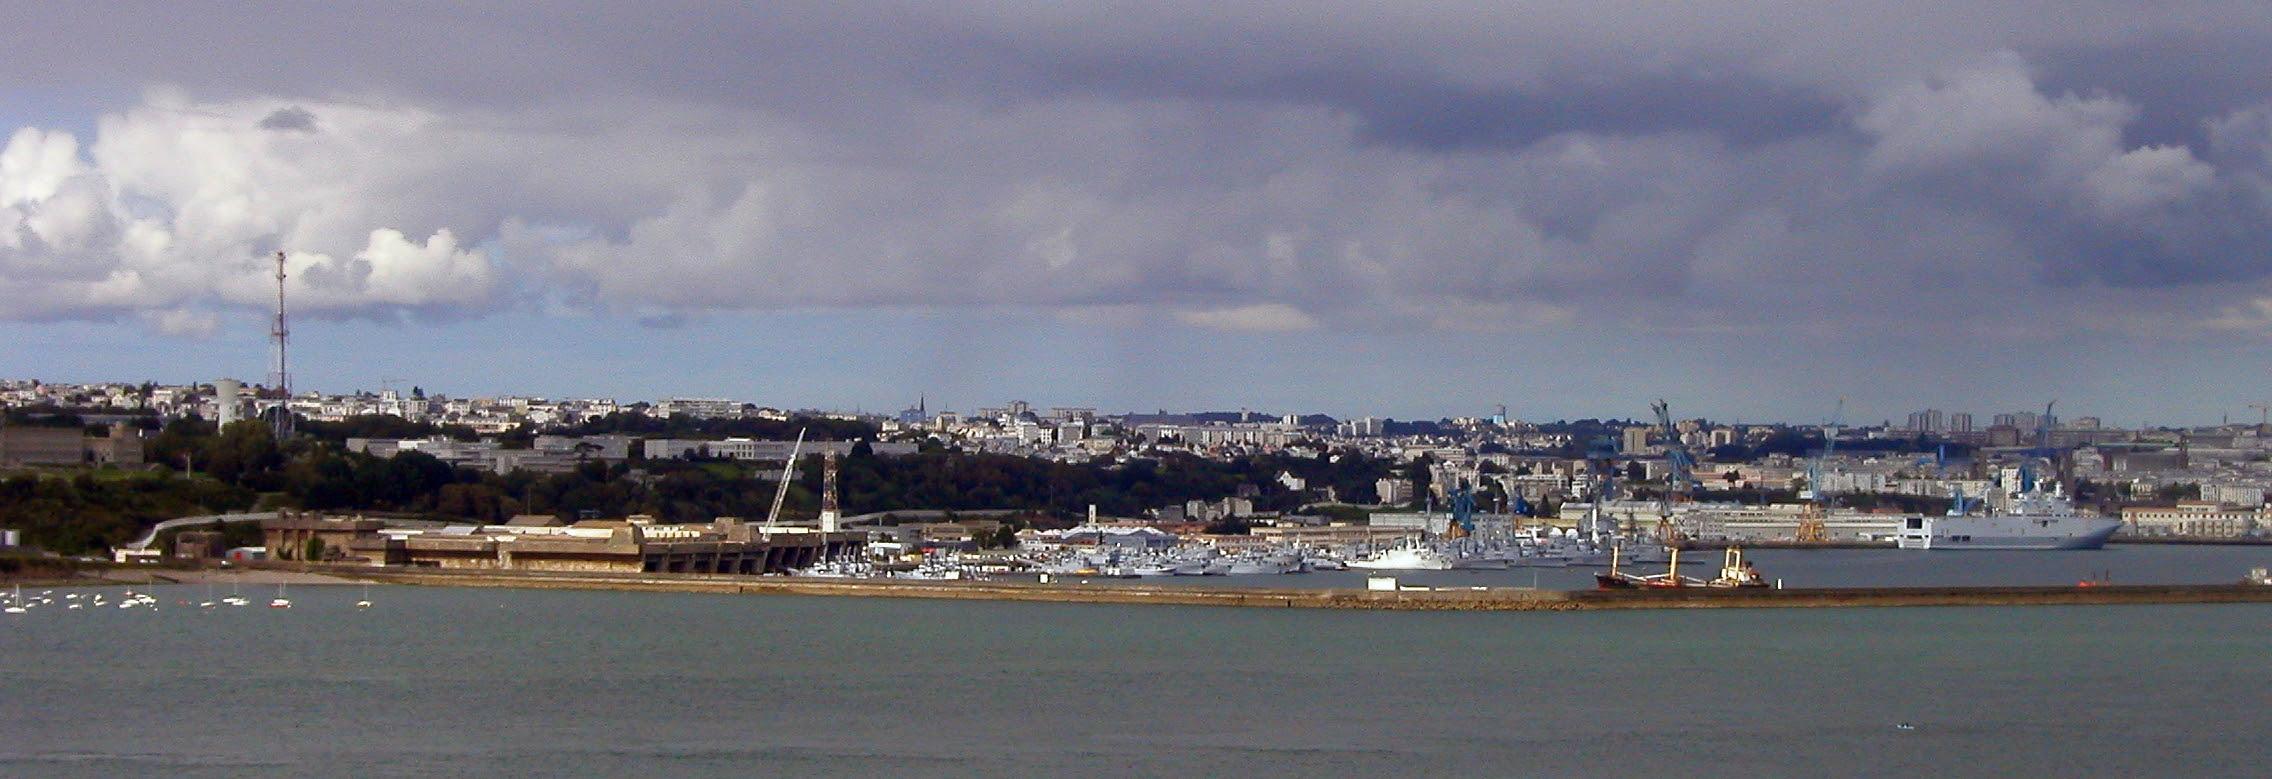 Brest Harbor